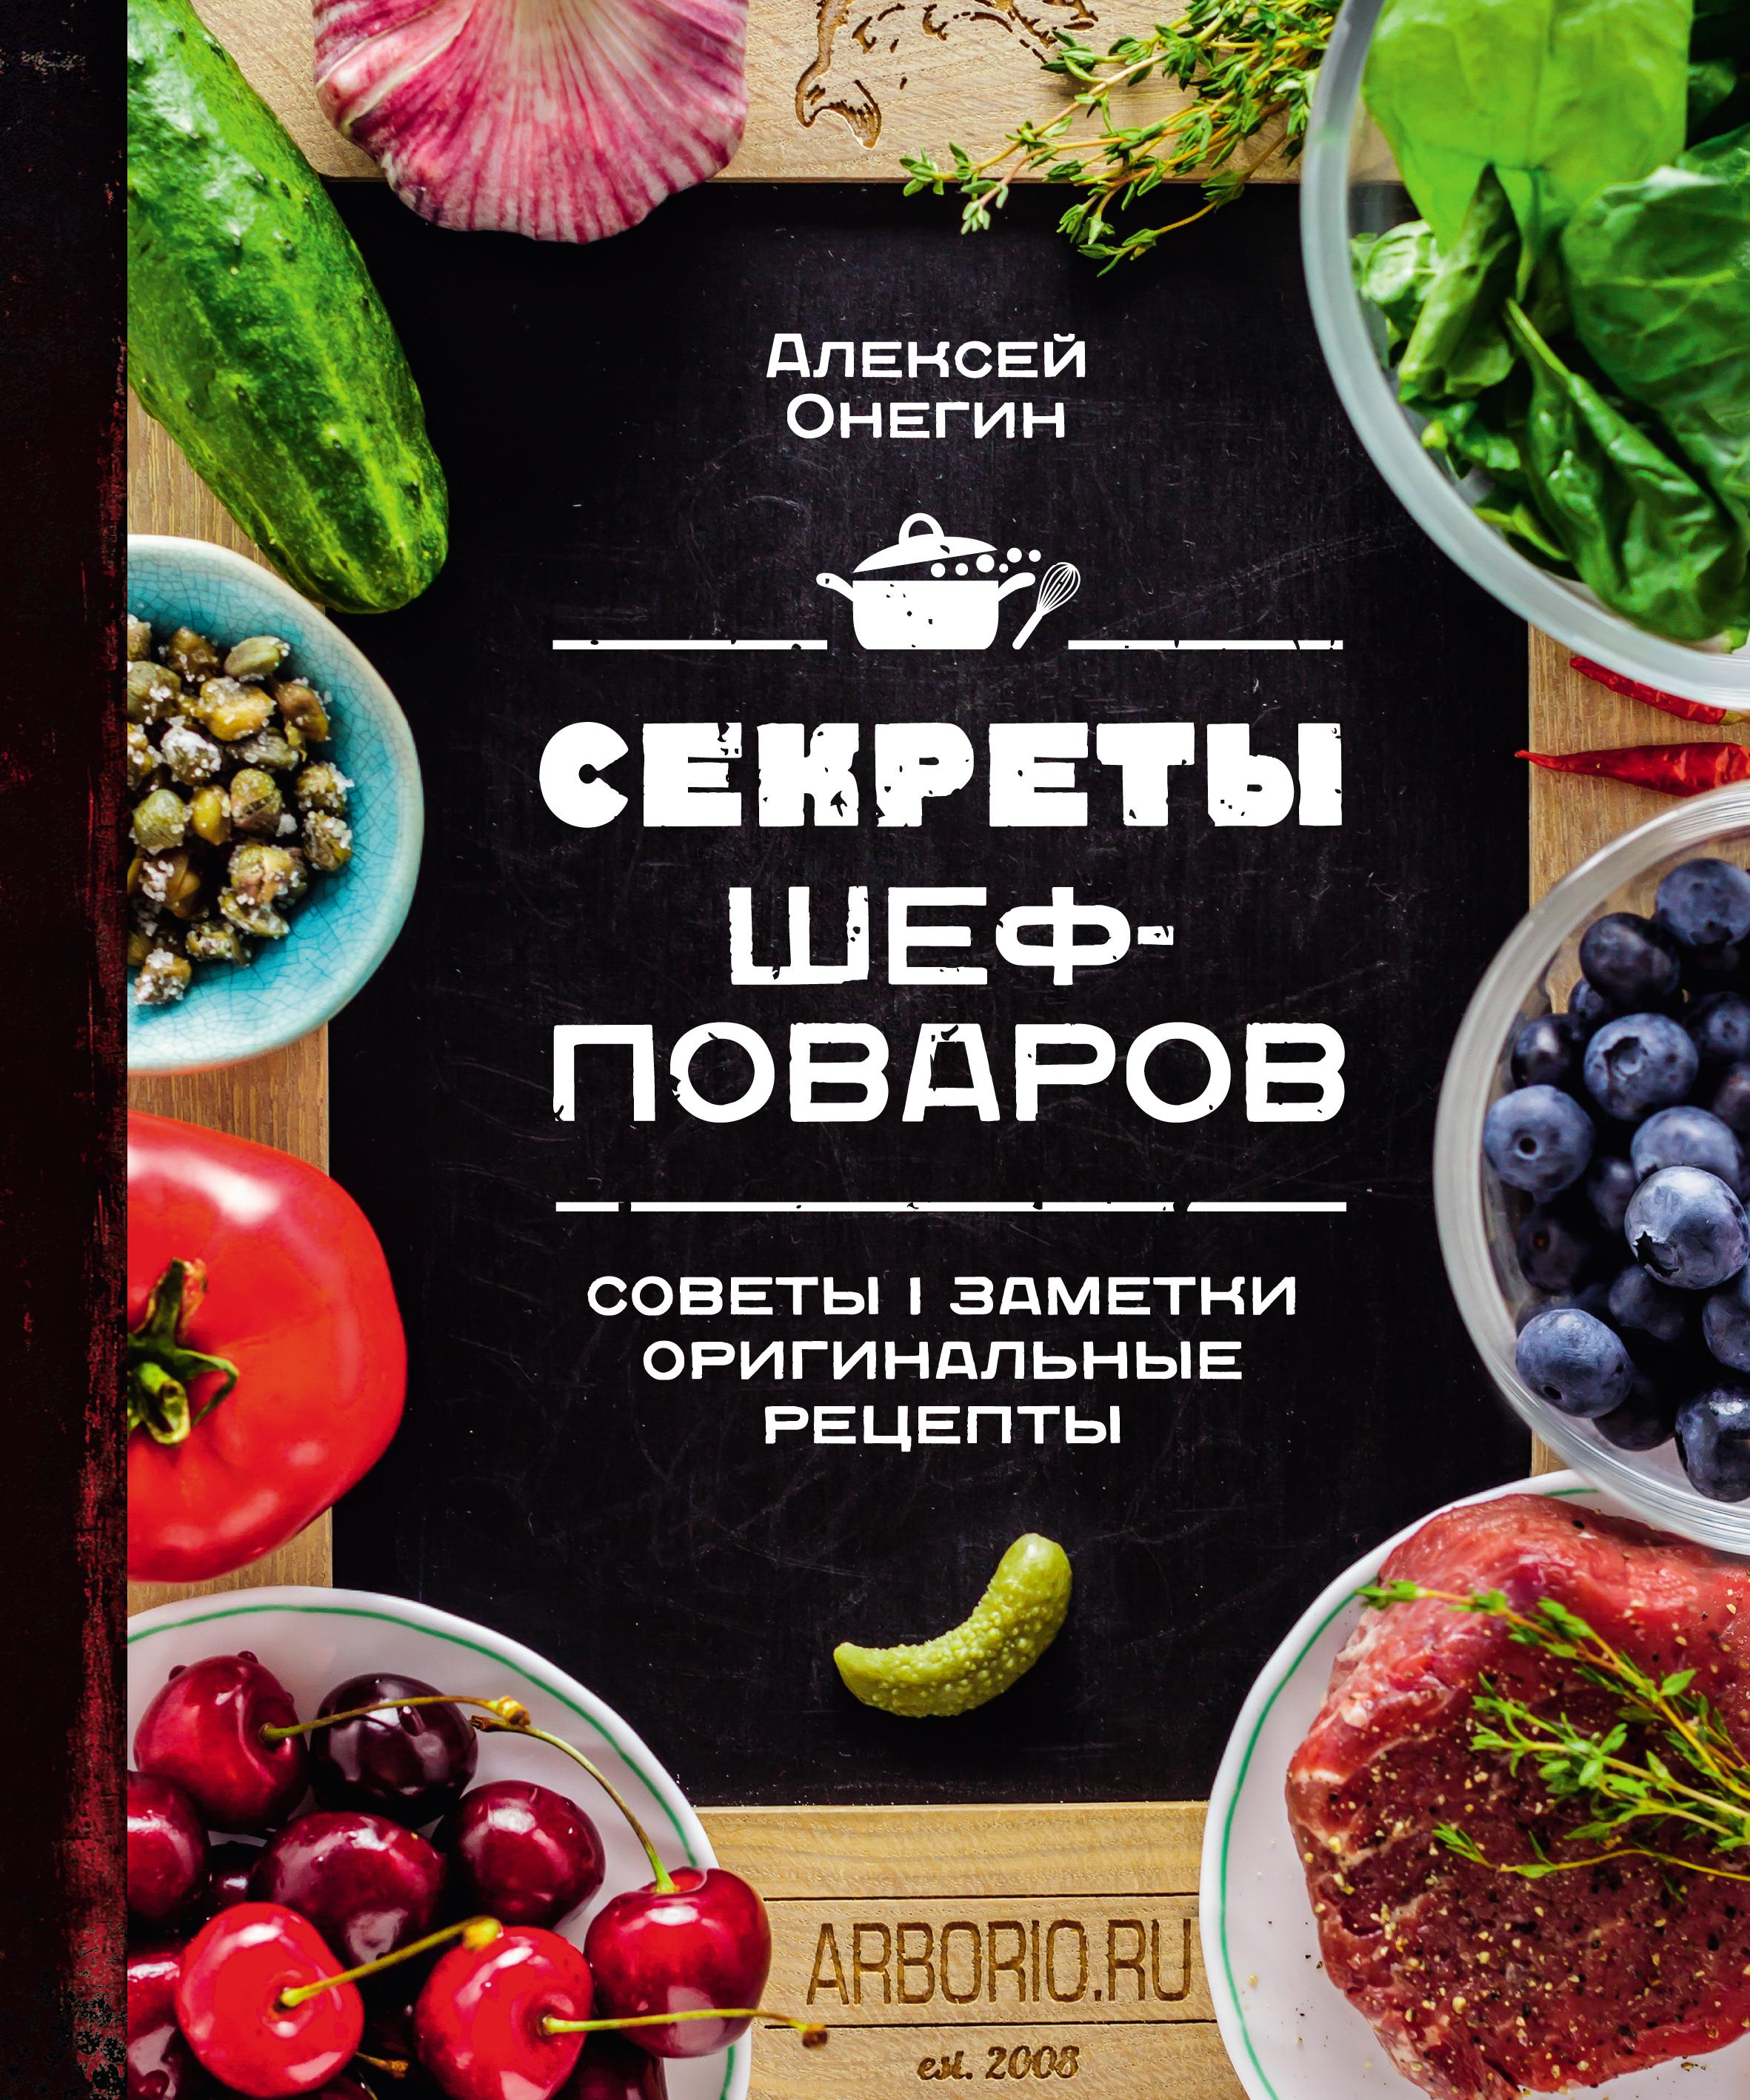 Алексей Онегин Секреты шеф-поваров аносова е сост меню для столовых и кулинарий от звездных шеф поваров